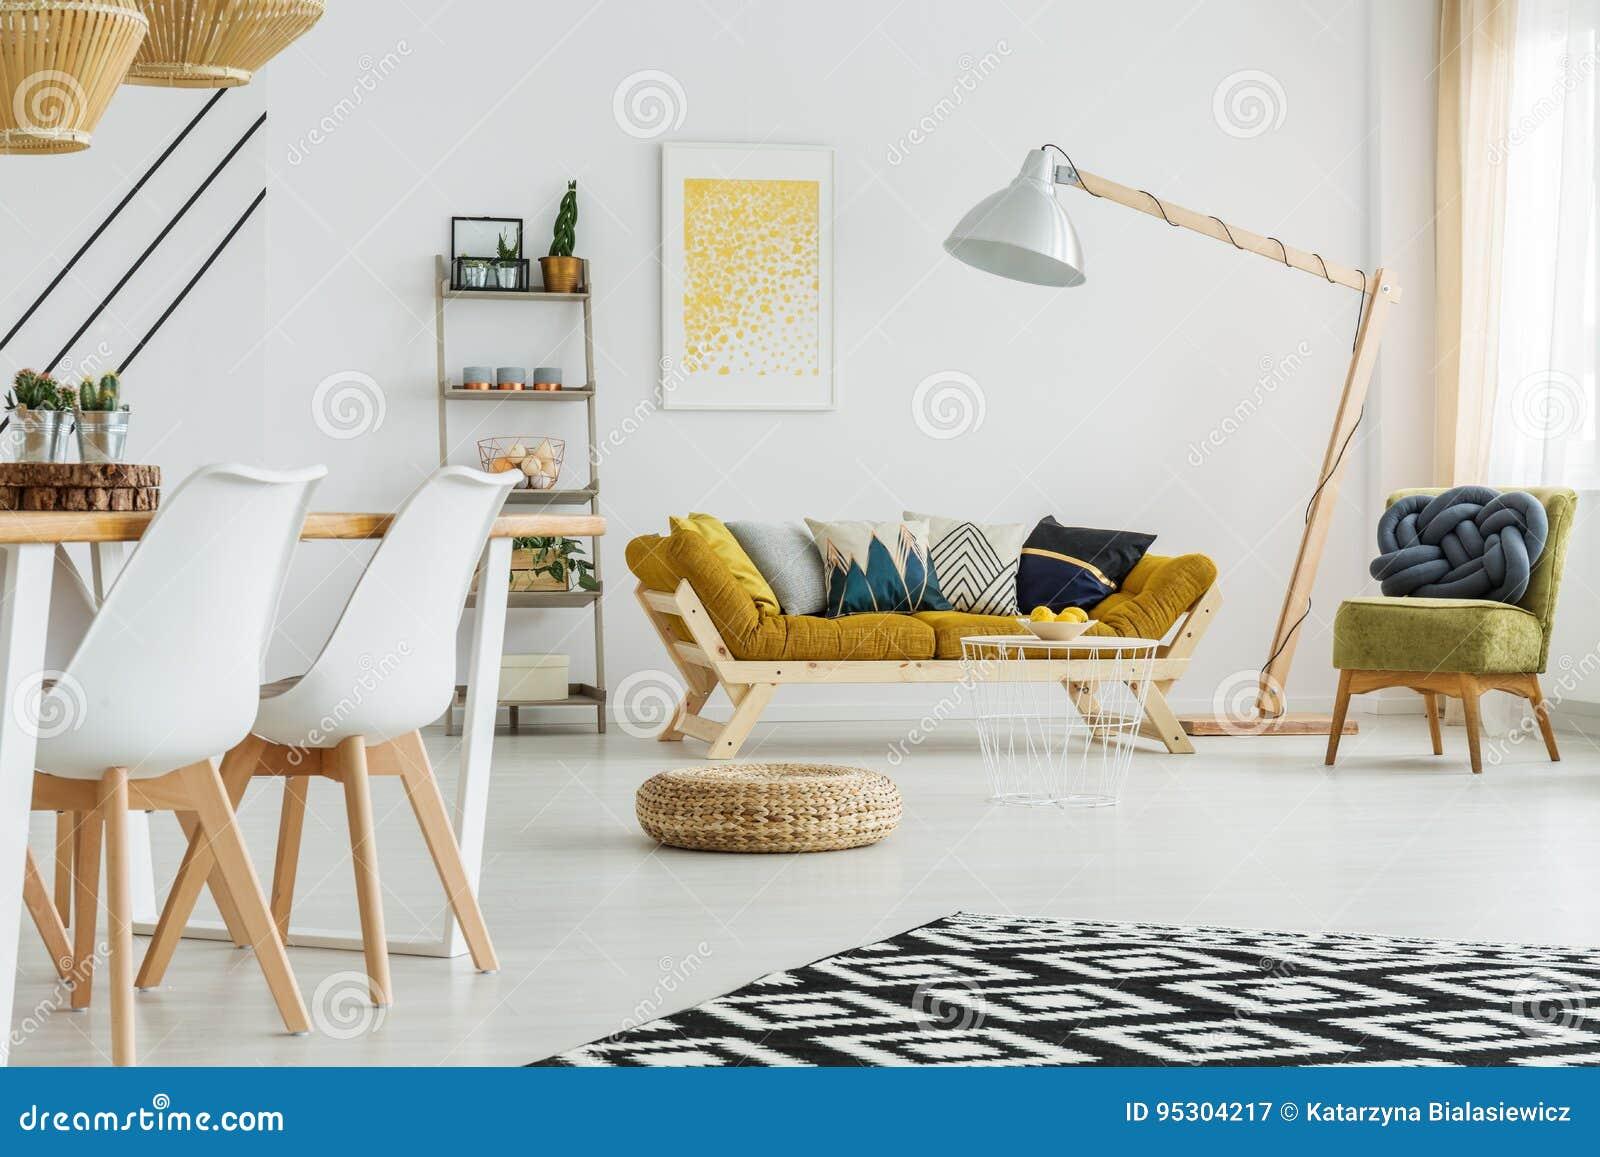 Tapijt Zwart Wit : Zwart wit tapijt stock afbeelding afbeelding bestaande uit